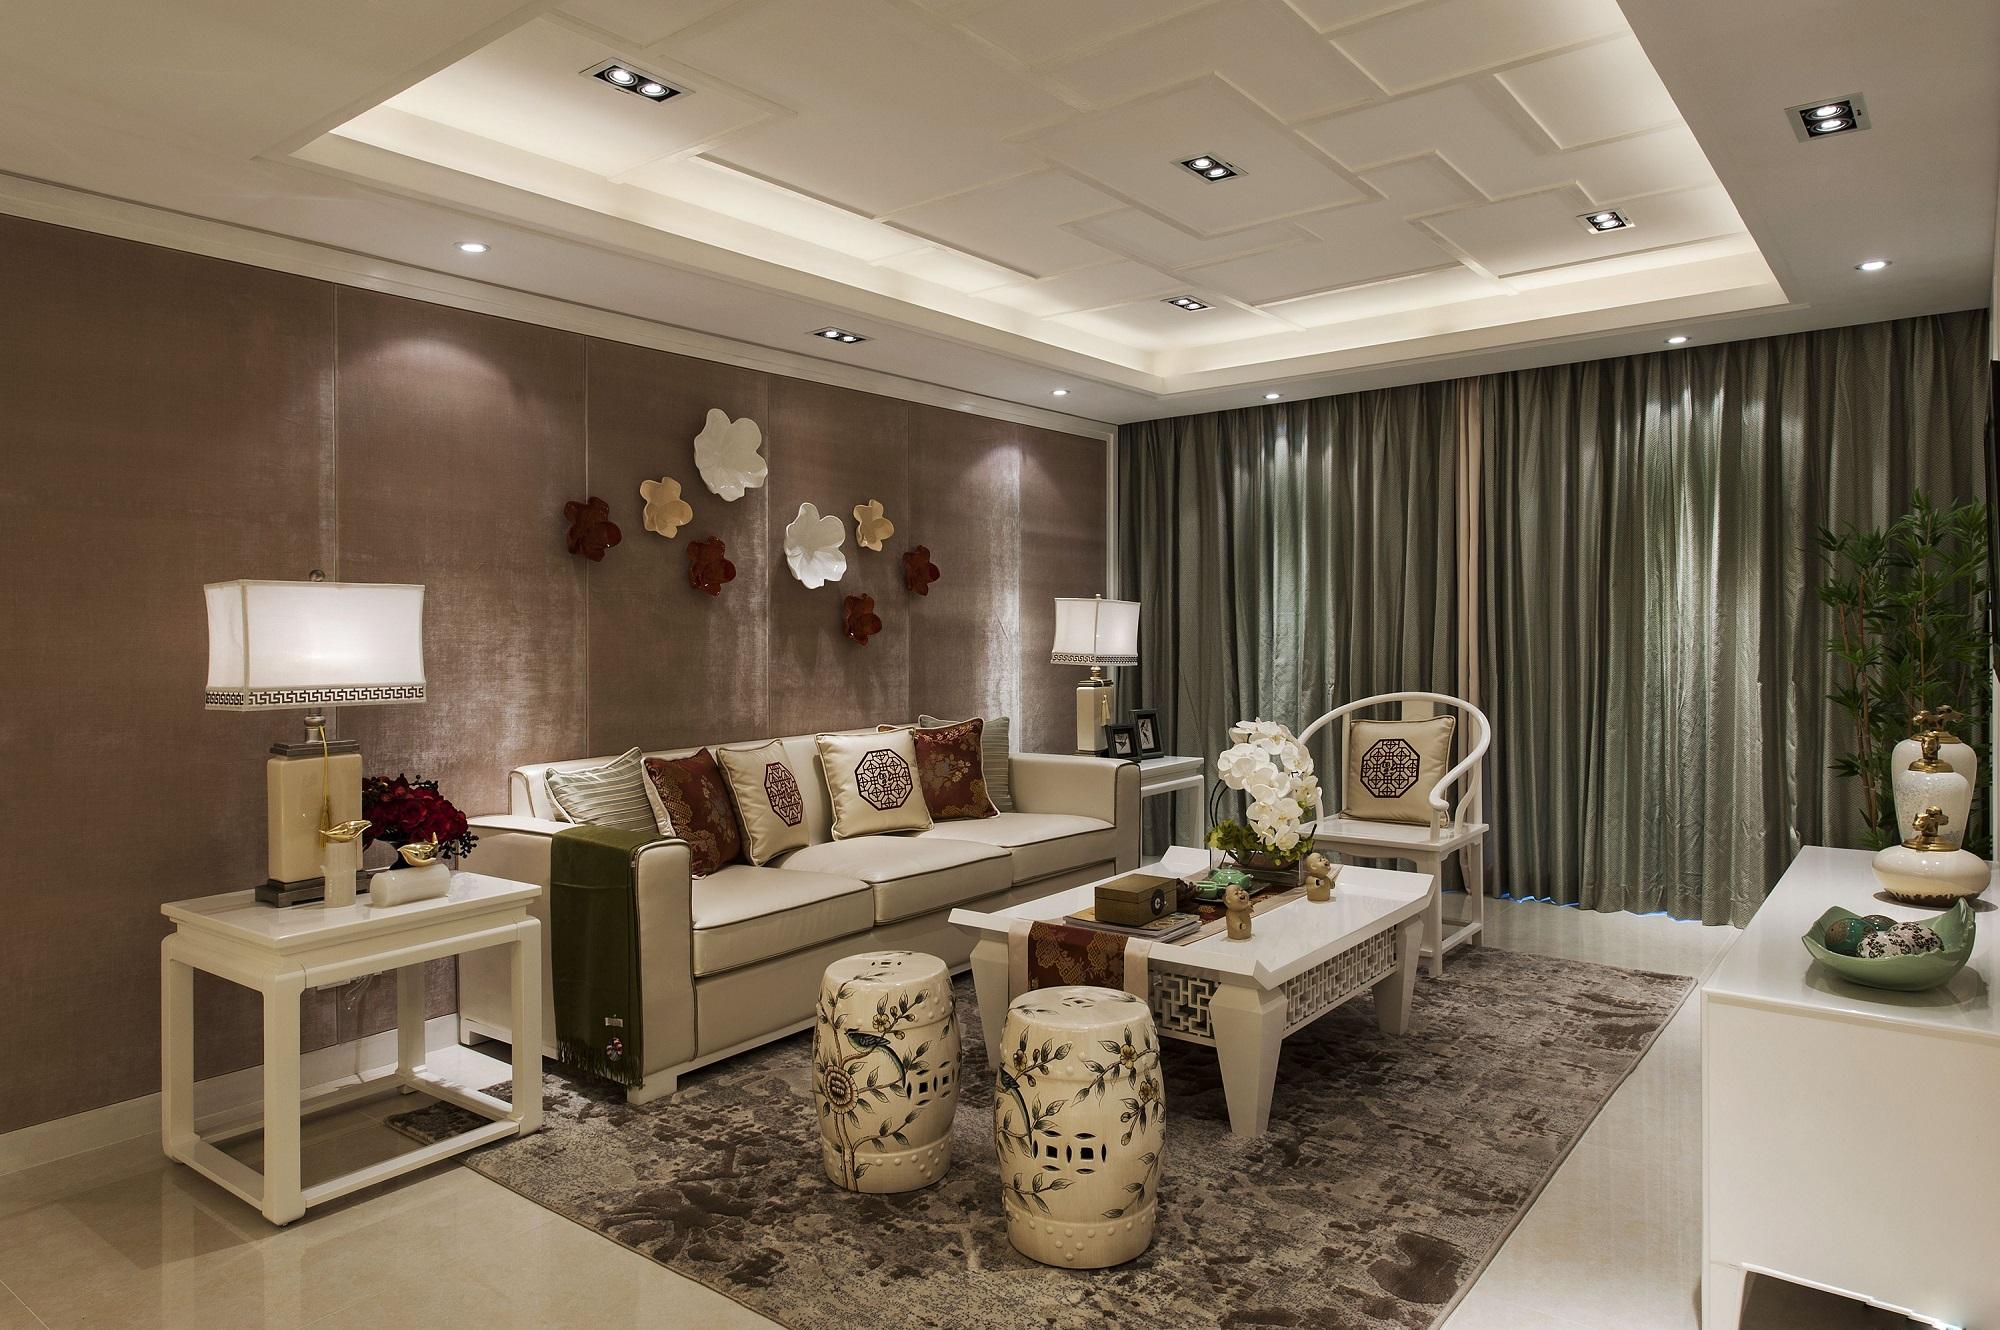 客厅设计整体非常雅致,沙发背景墙造型独特,耐人寻味。柱形椅子格外抢眼。众多瓷器的装饰下,都在烘托古韵